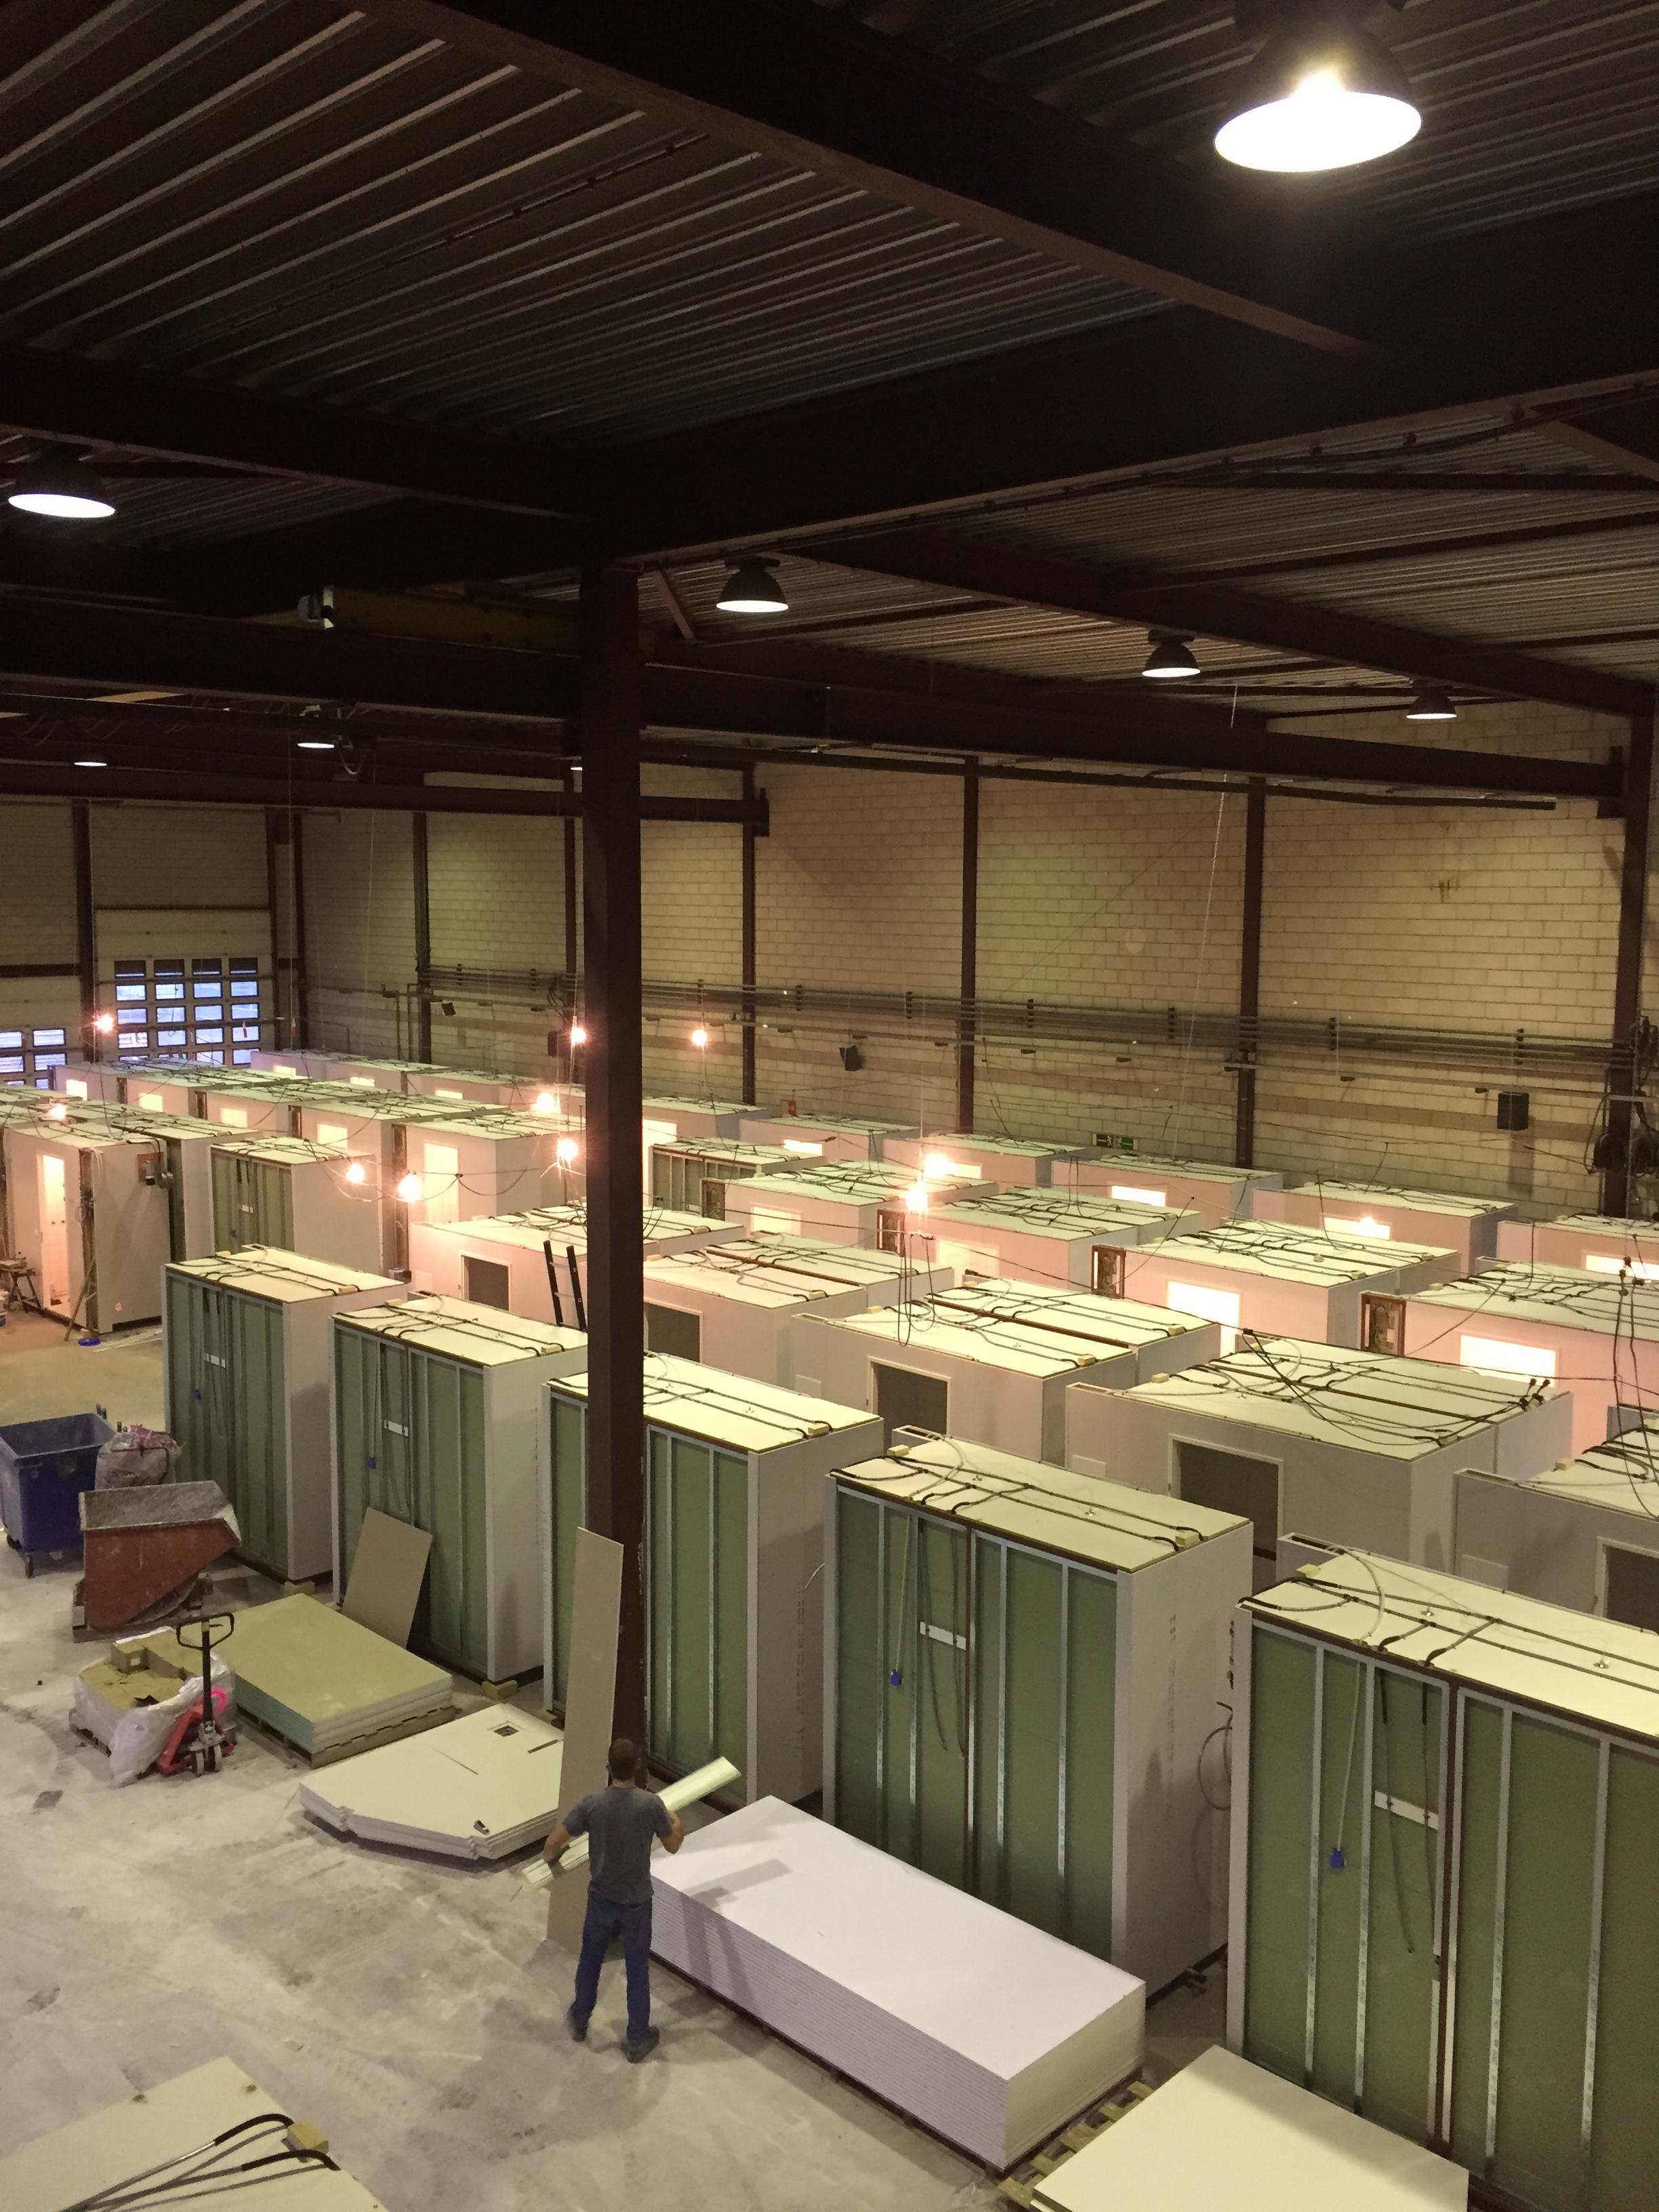 440 prefab badkamers waterdicht afgekit